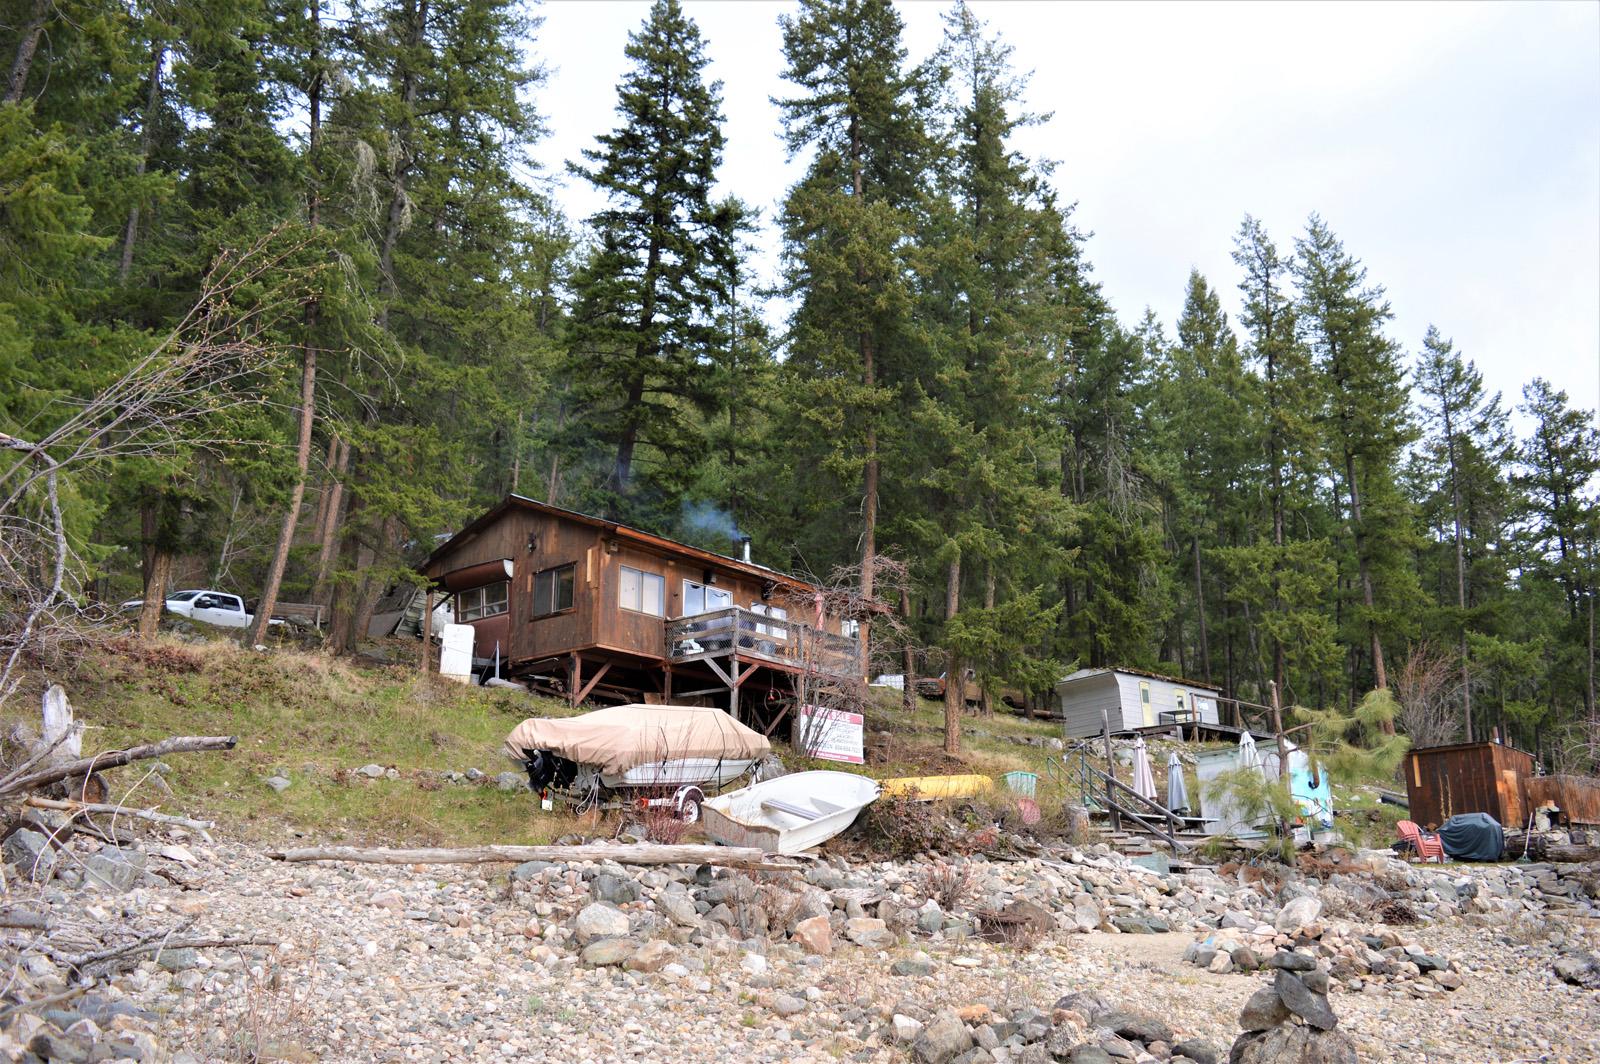 Little shuswap lake 35